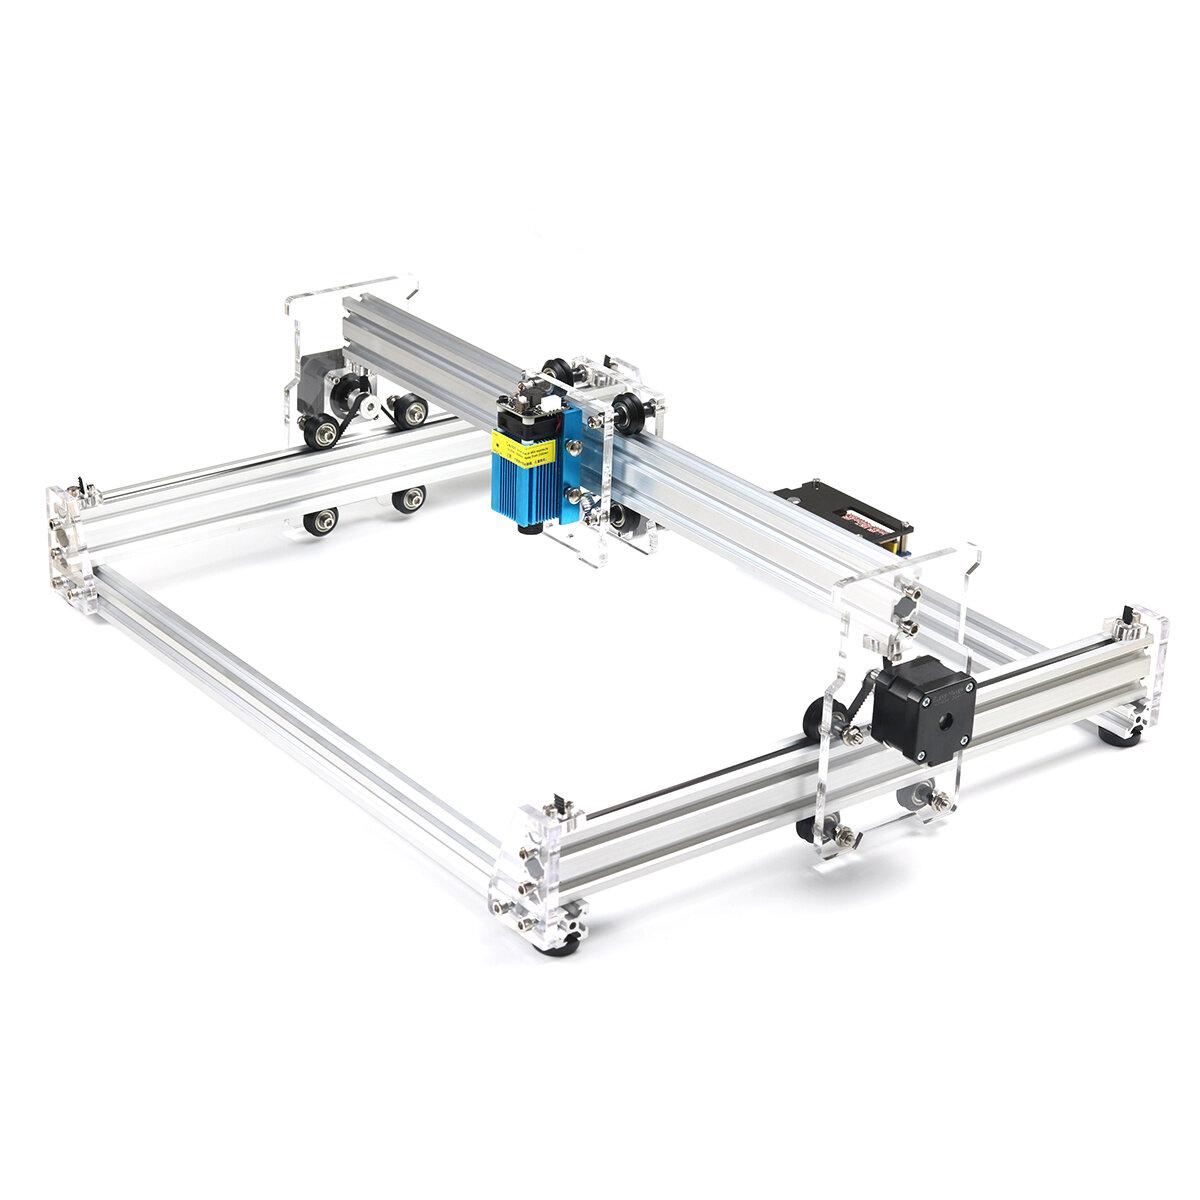 EleksMaker® EleksLaser-A3 Pro Máy khắc laser 2500mW Máy in Laser CNC